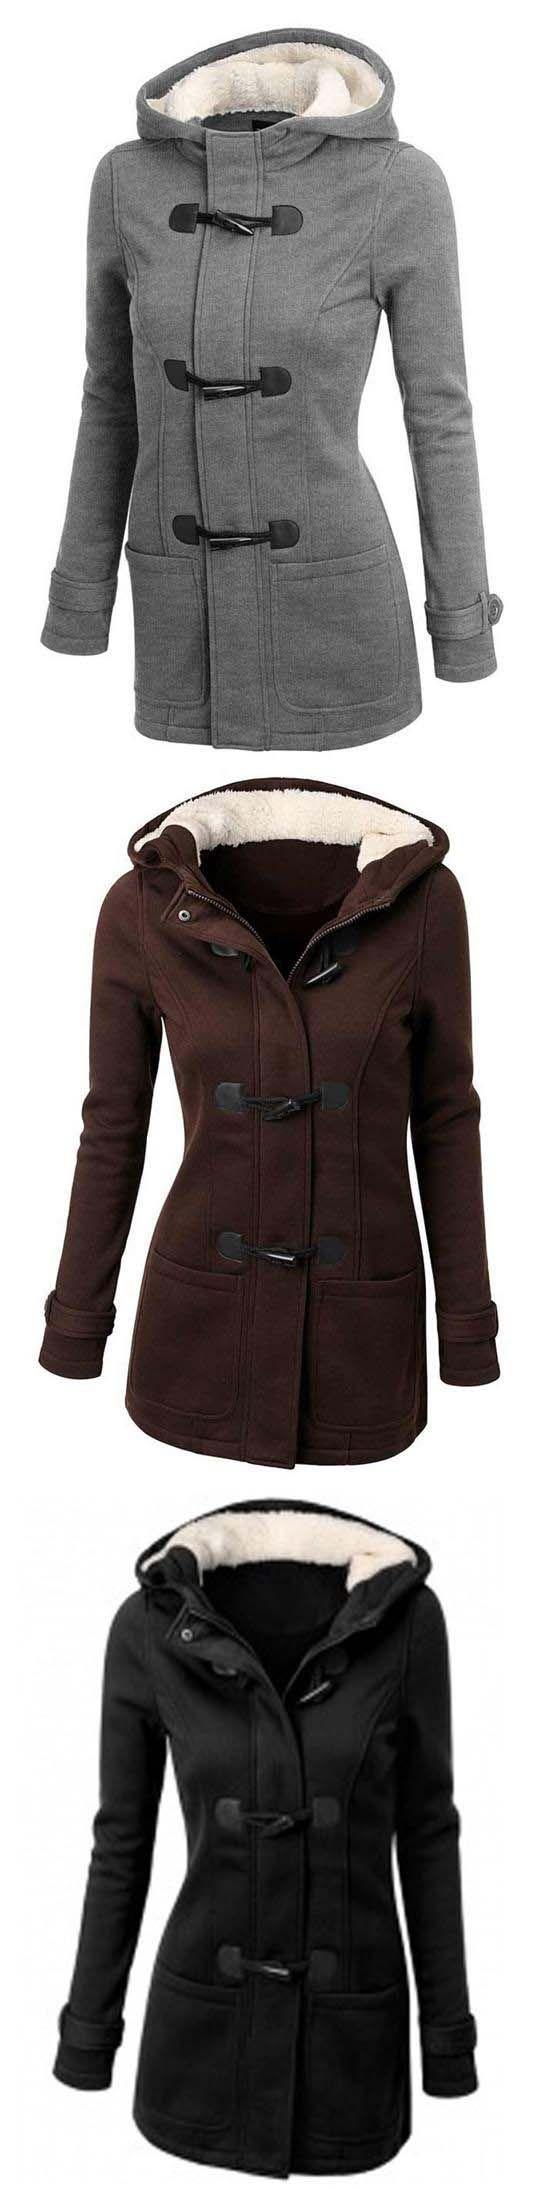 Best 25  Girls winter coats ideas on Pinterest | Girls coats ...